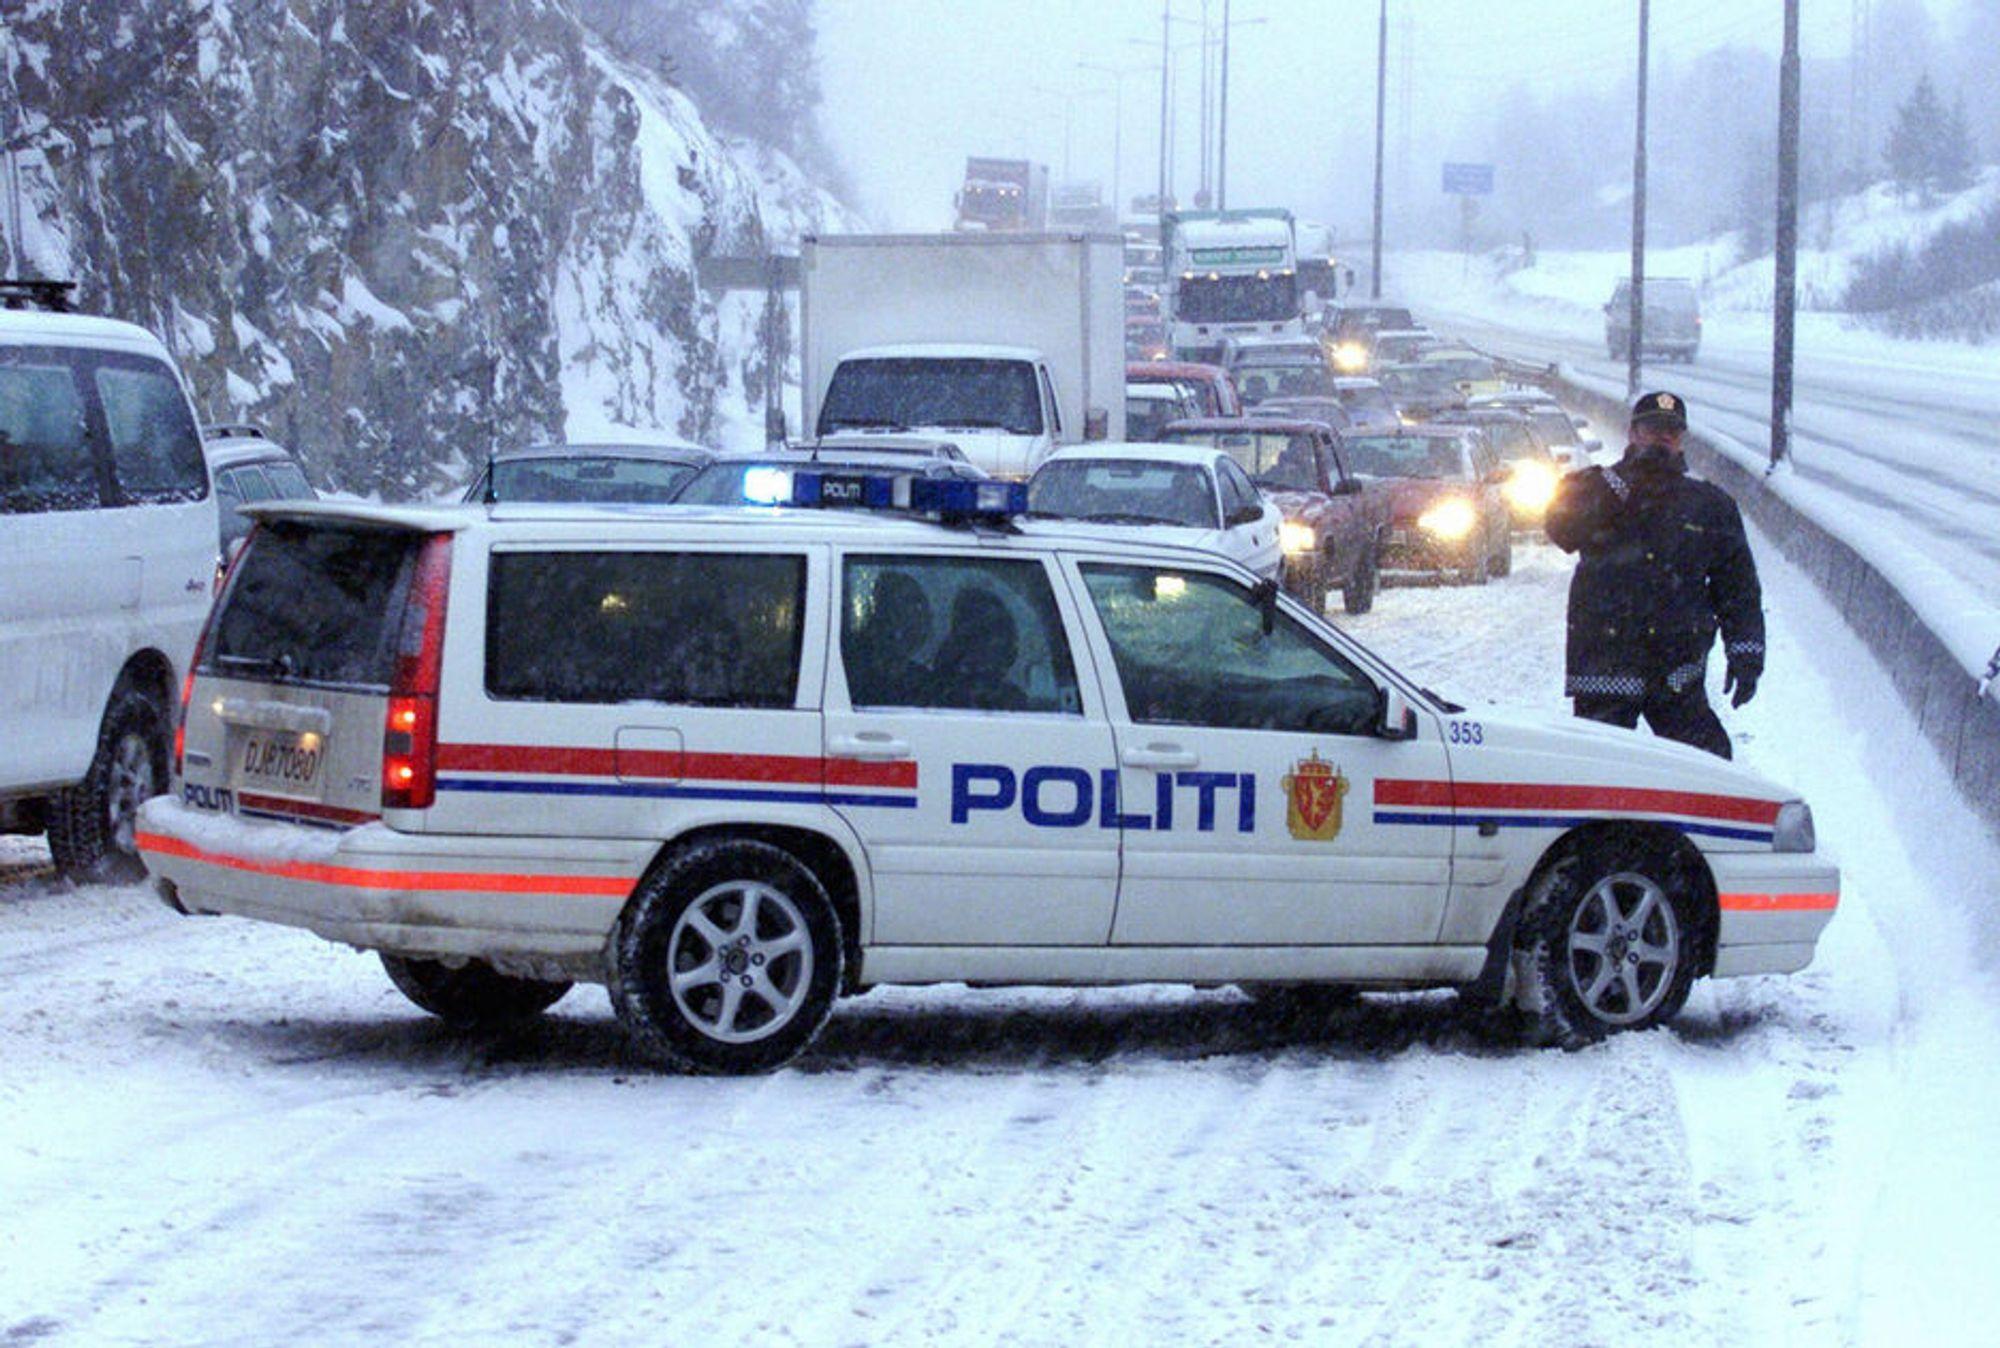 LUKKET OG LÅST: Fra mandag er det slutt på å tyvlytte til politiets samband.